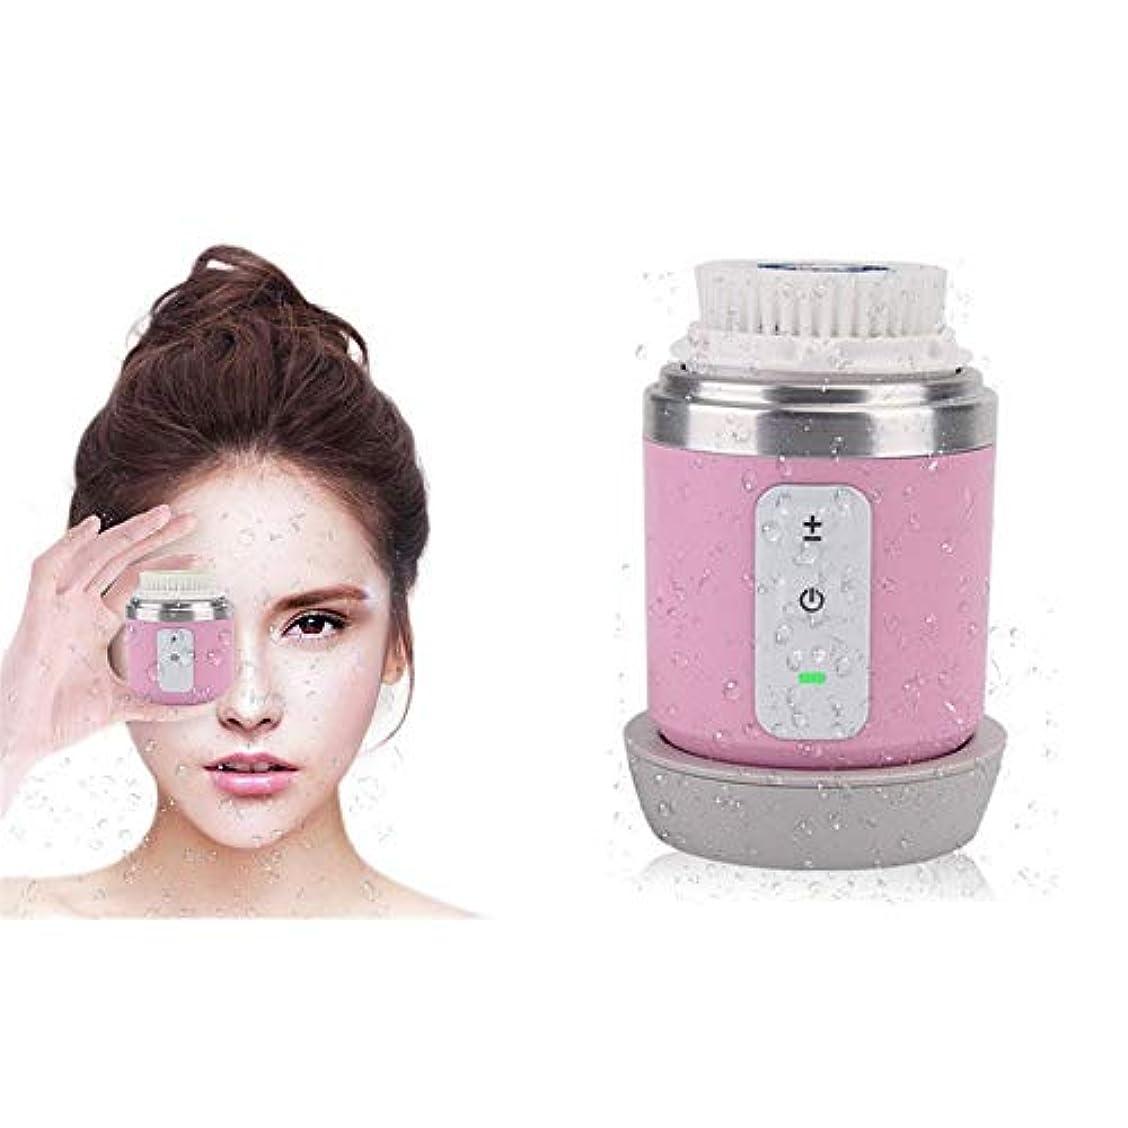 顎十分ではないアルコーブフェイシャル?クレンザーブラシ、電動洗顔ブラシ、エクスフォリエイティングとブラックヘッドのためにブラックヘッドシリコーン美容インストゥルメントアプライアンスに防水クレンジング器振動クリーナー毛穴